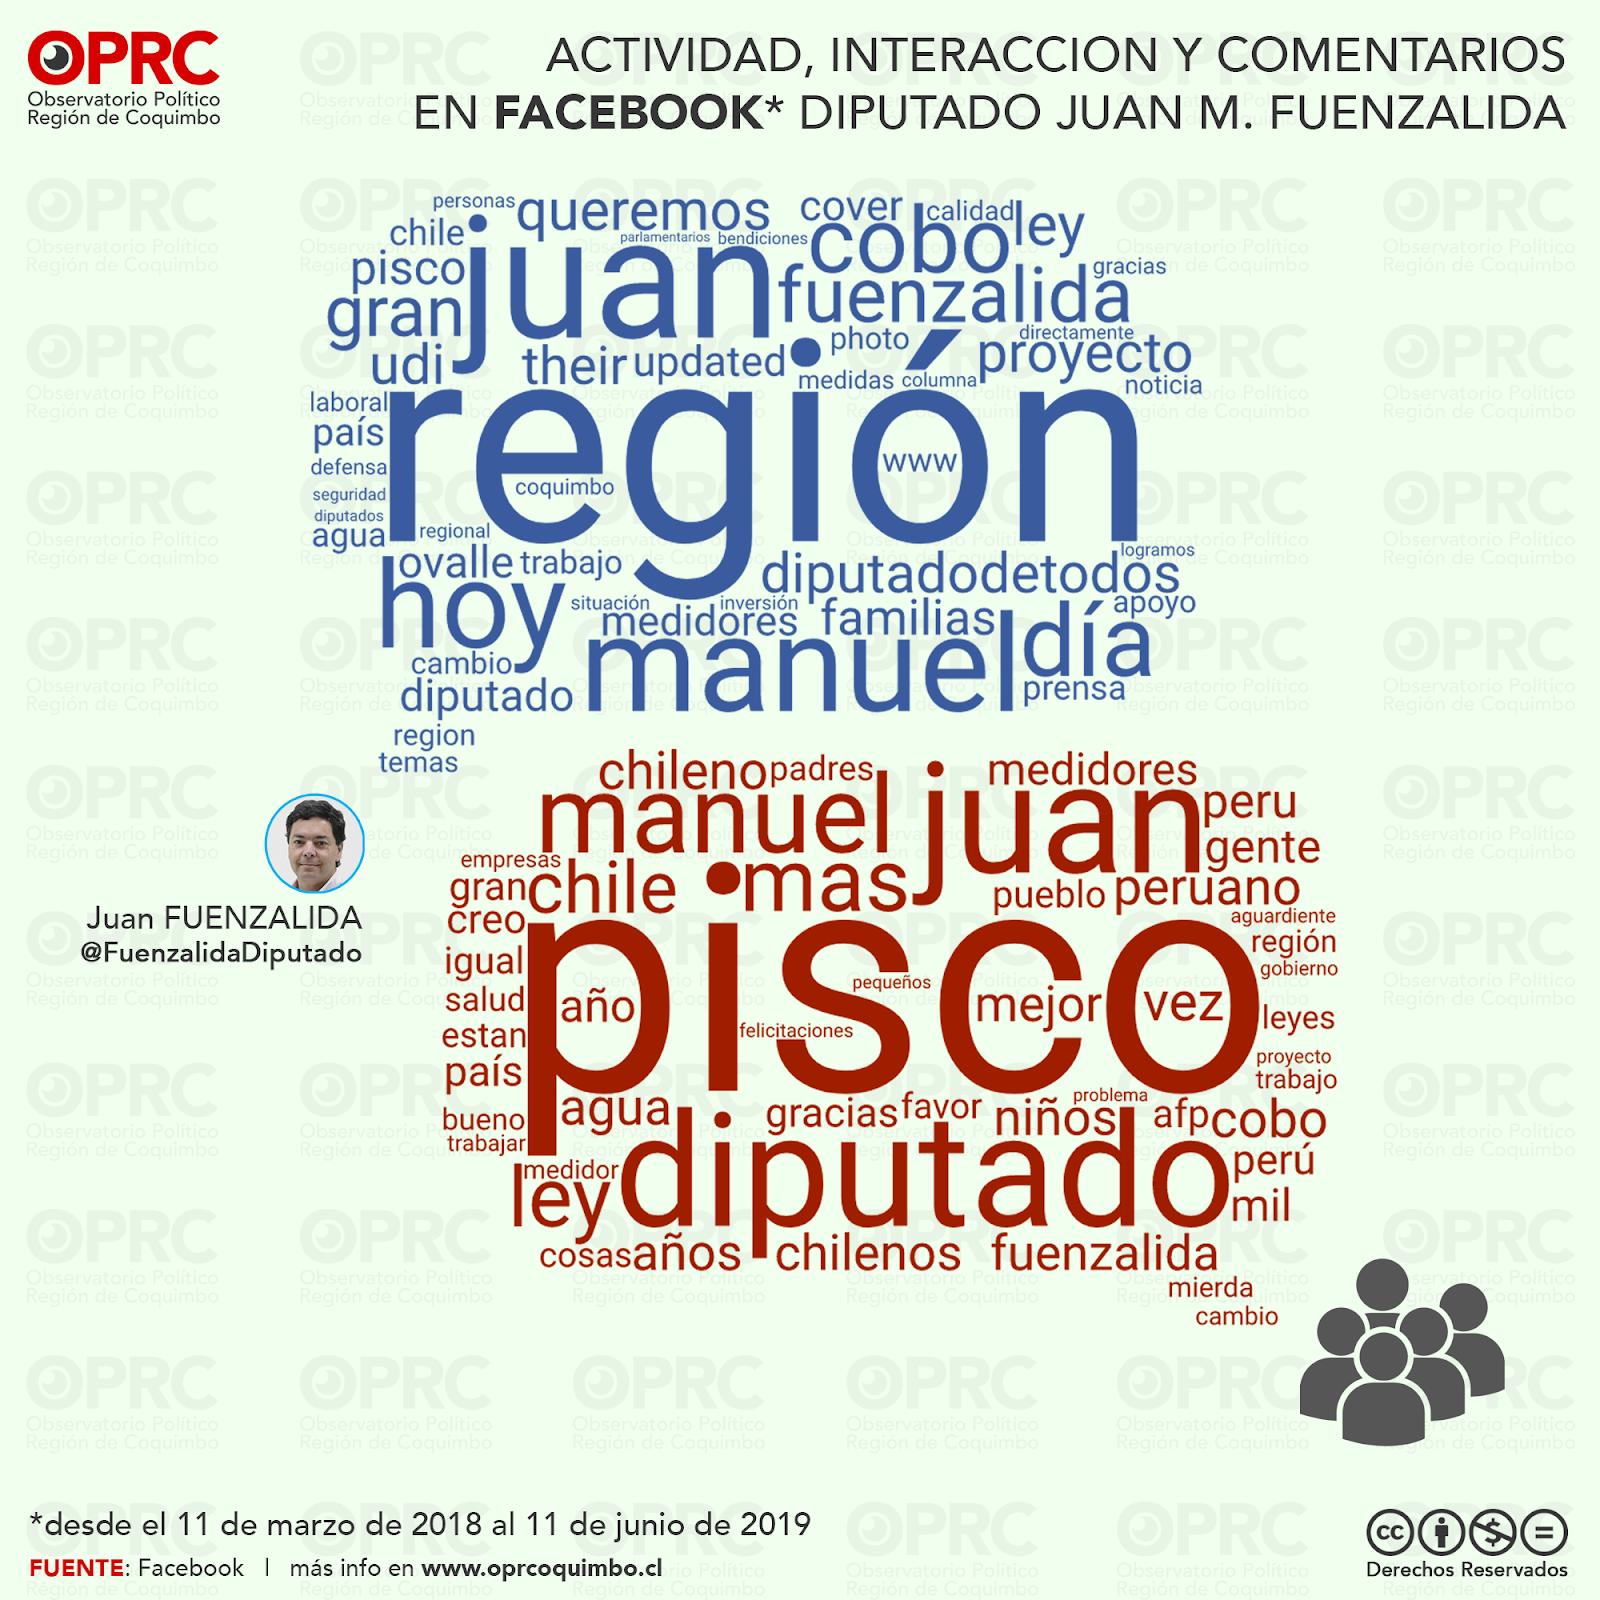 Interacciones en Facebook Diputado Juan Manuel Fuenzalida